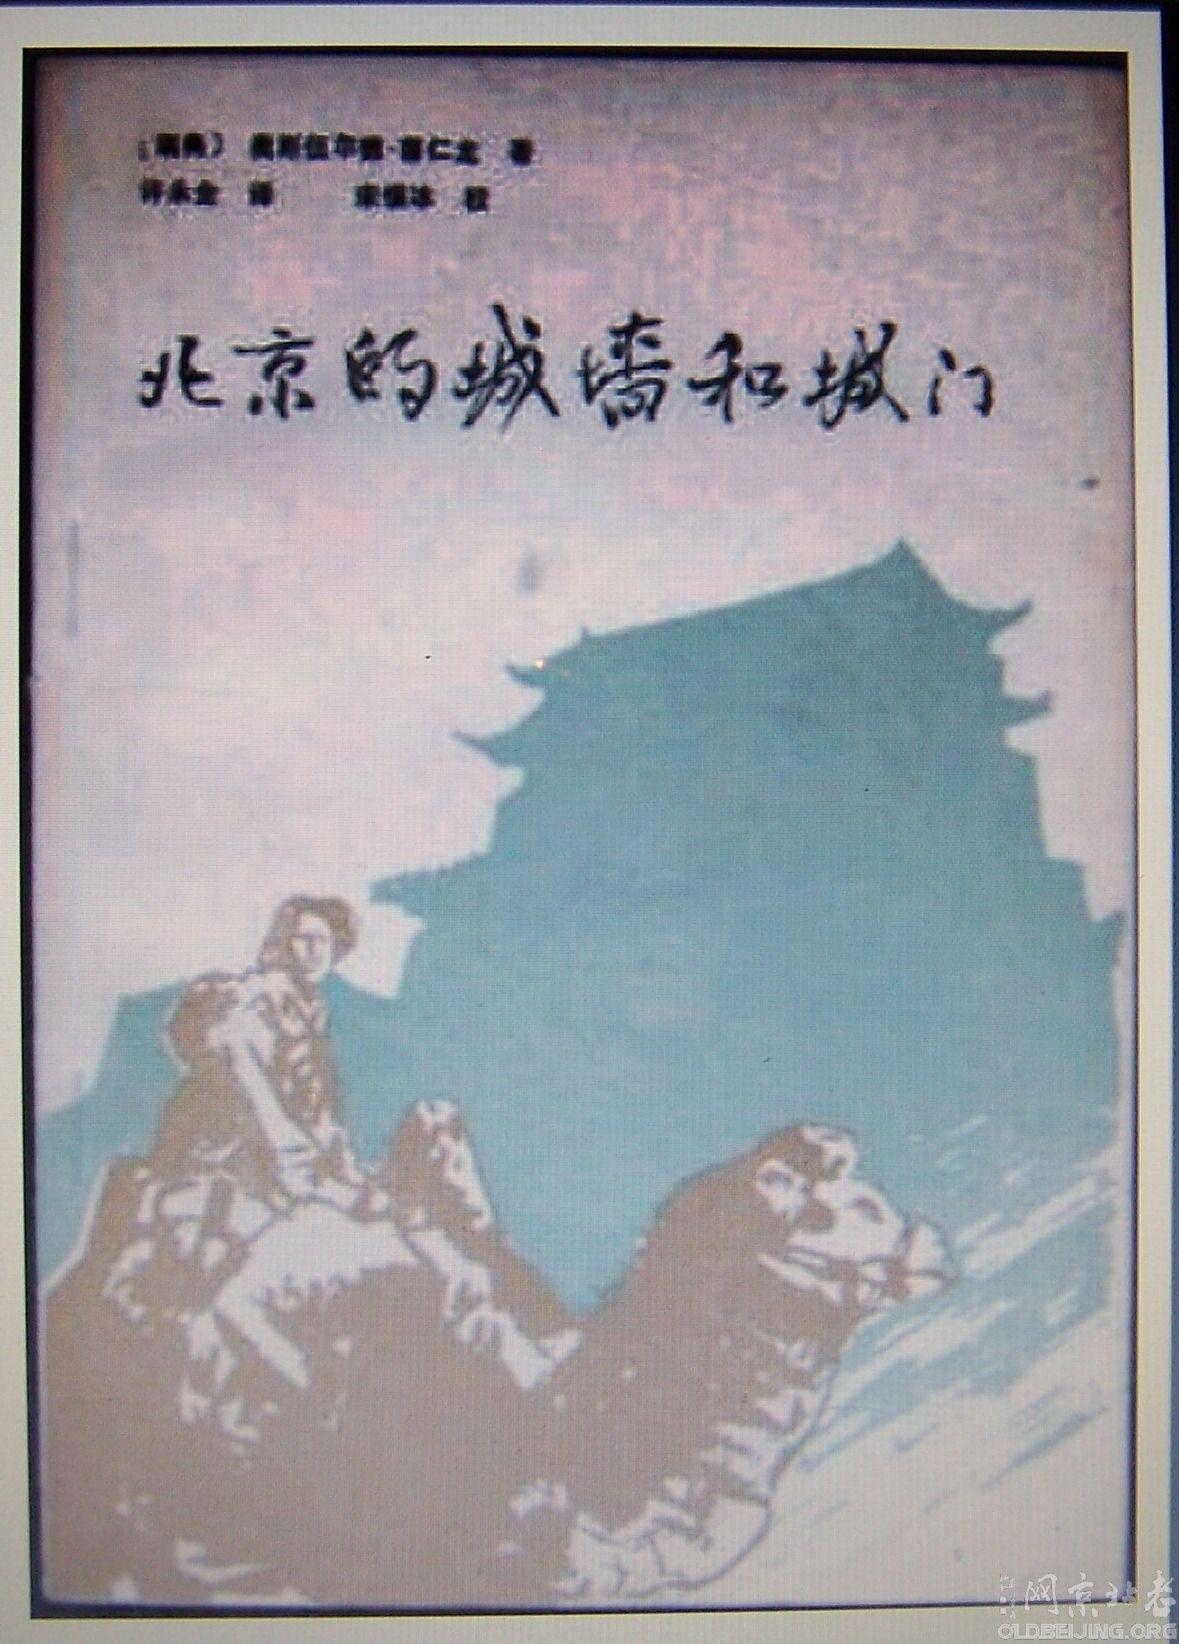 北京城门教科书-《北京的城墙与城门》